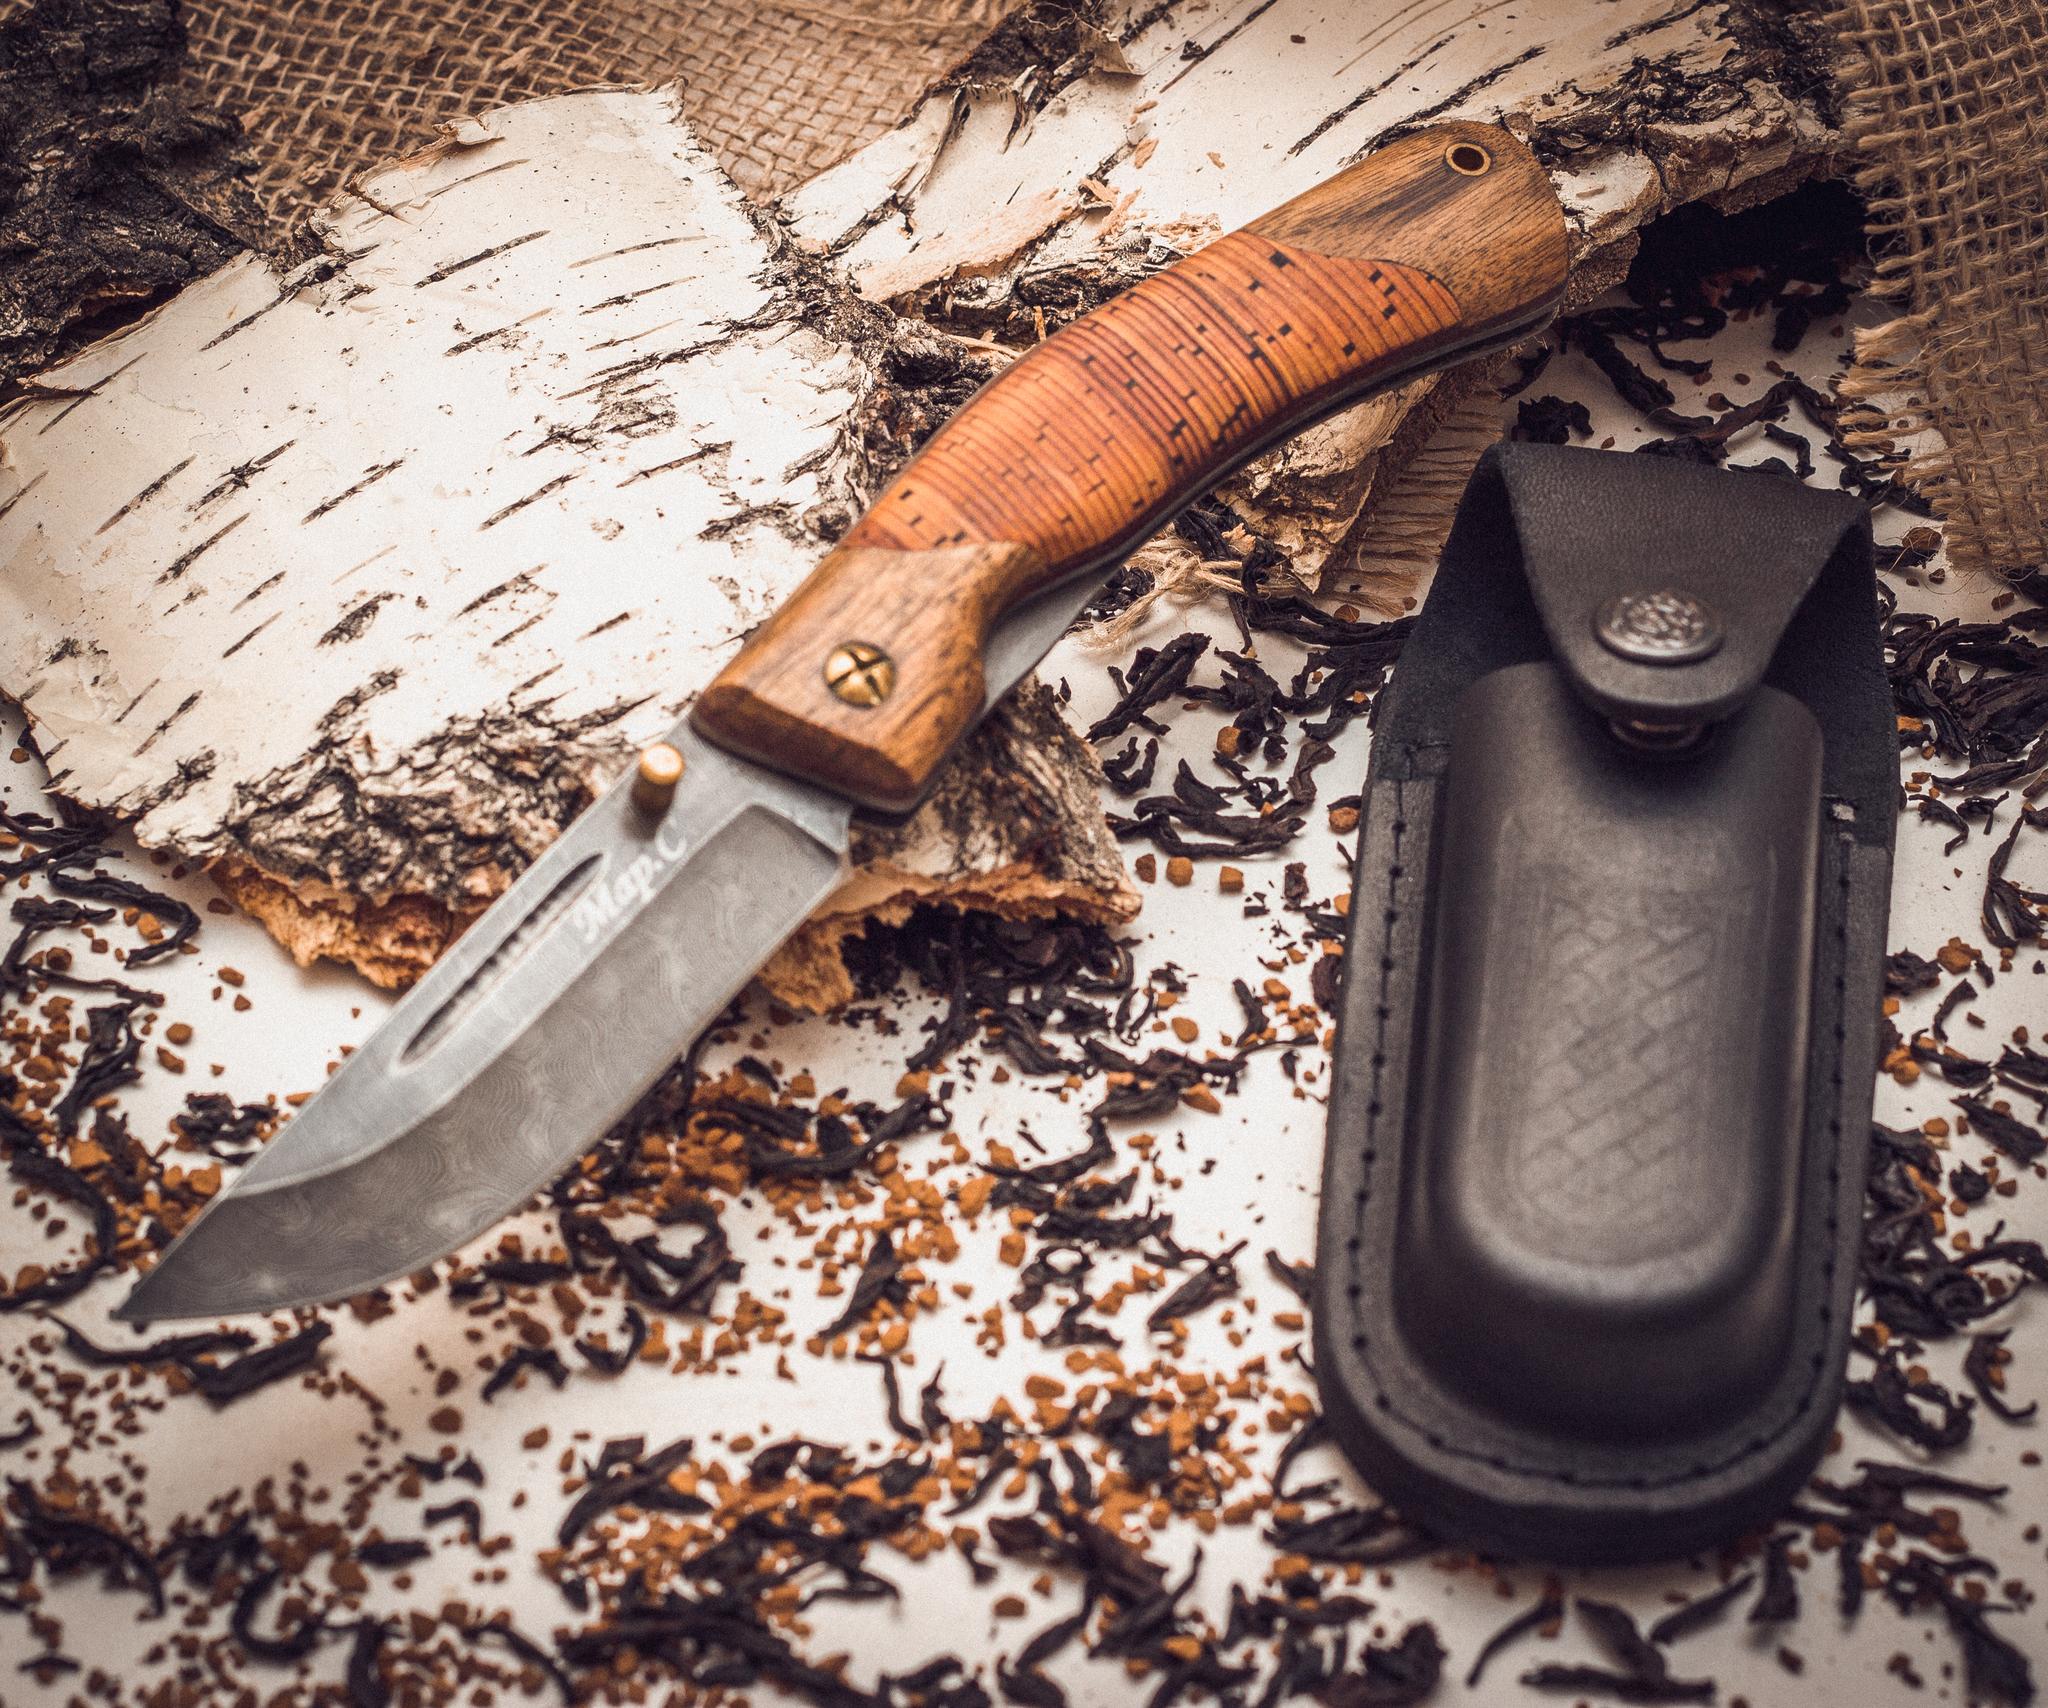 Фото 6 - Складной нож Нижегородец, дамаск, береста от Марычев